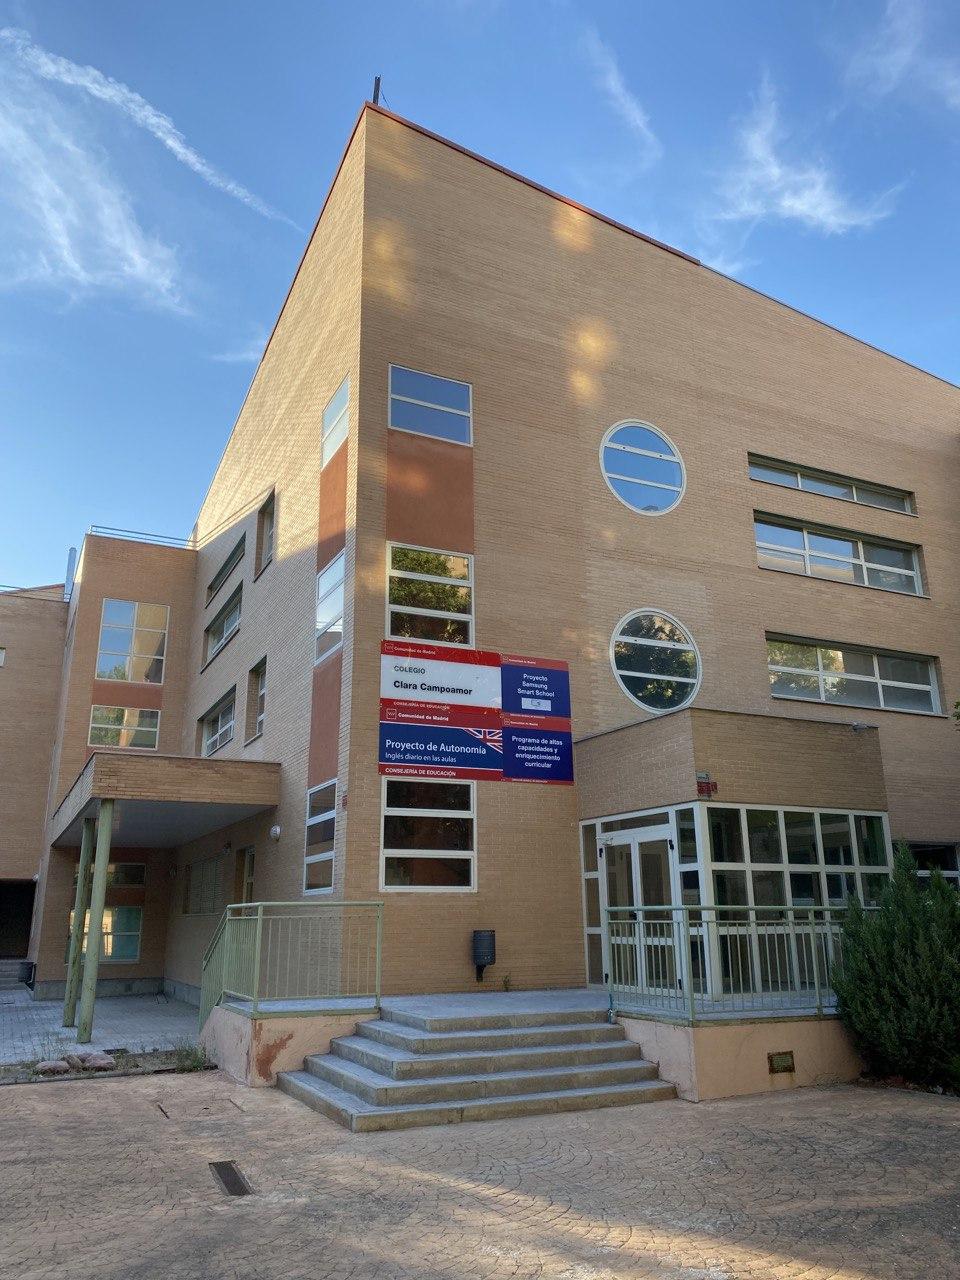 Entrada al edificio principal - A.M.P.A. Clara Campoamor (Alcorcon)